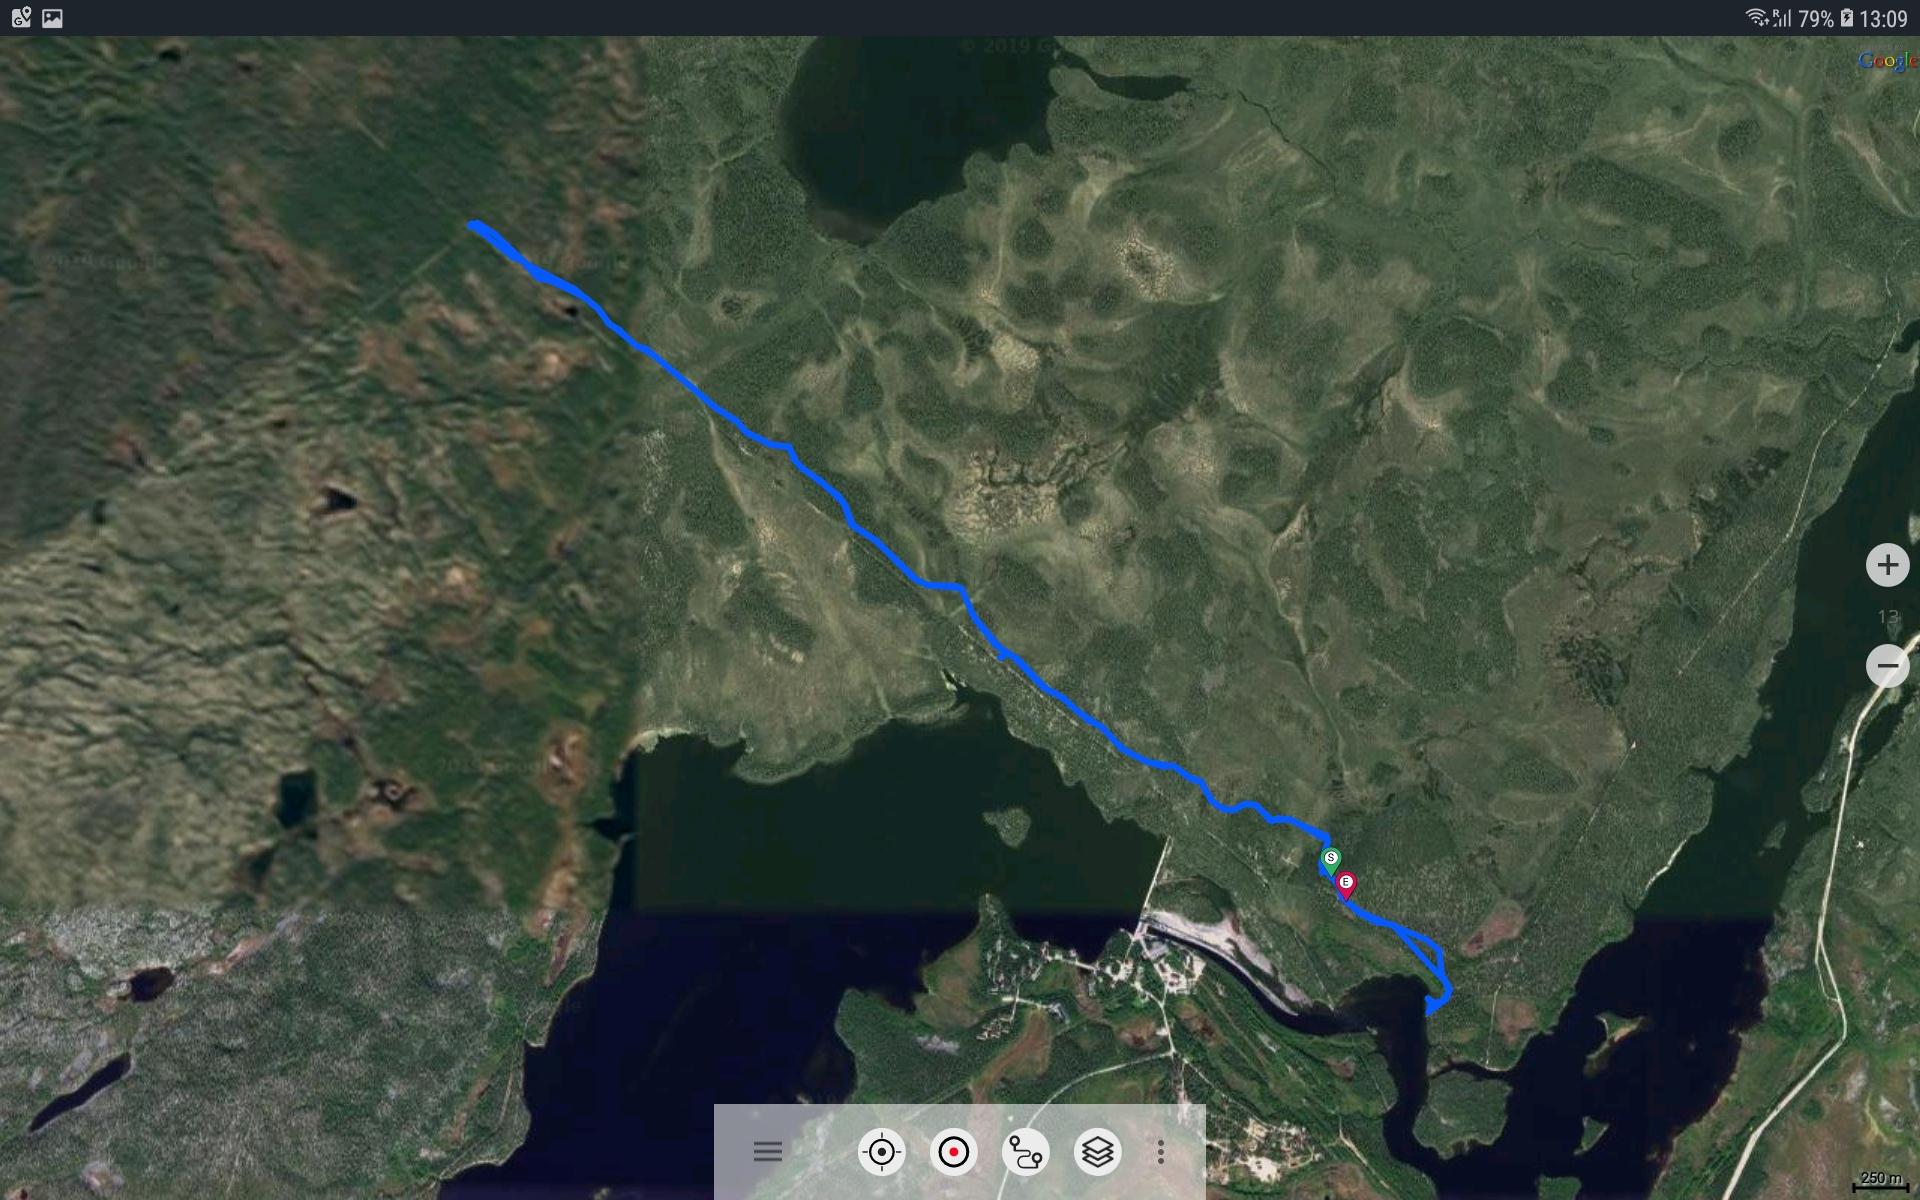 Screenshot_20190719-130957_Soviet Military Maps.jpg